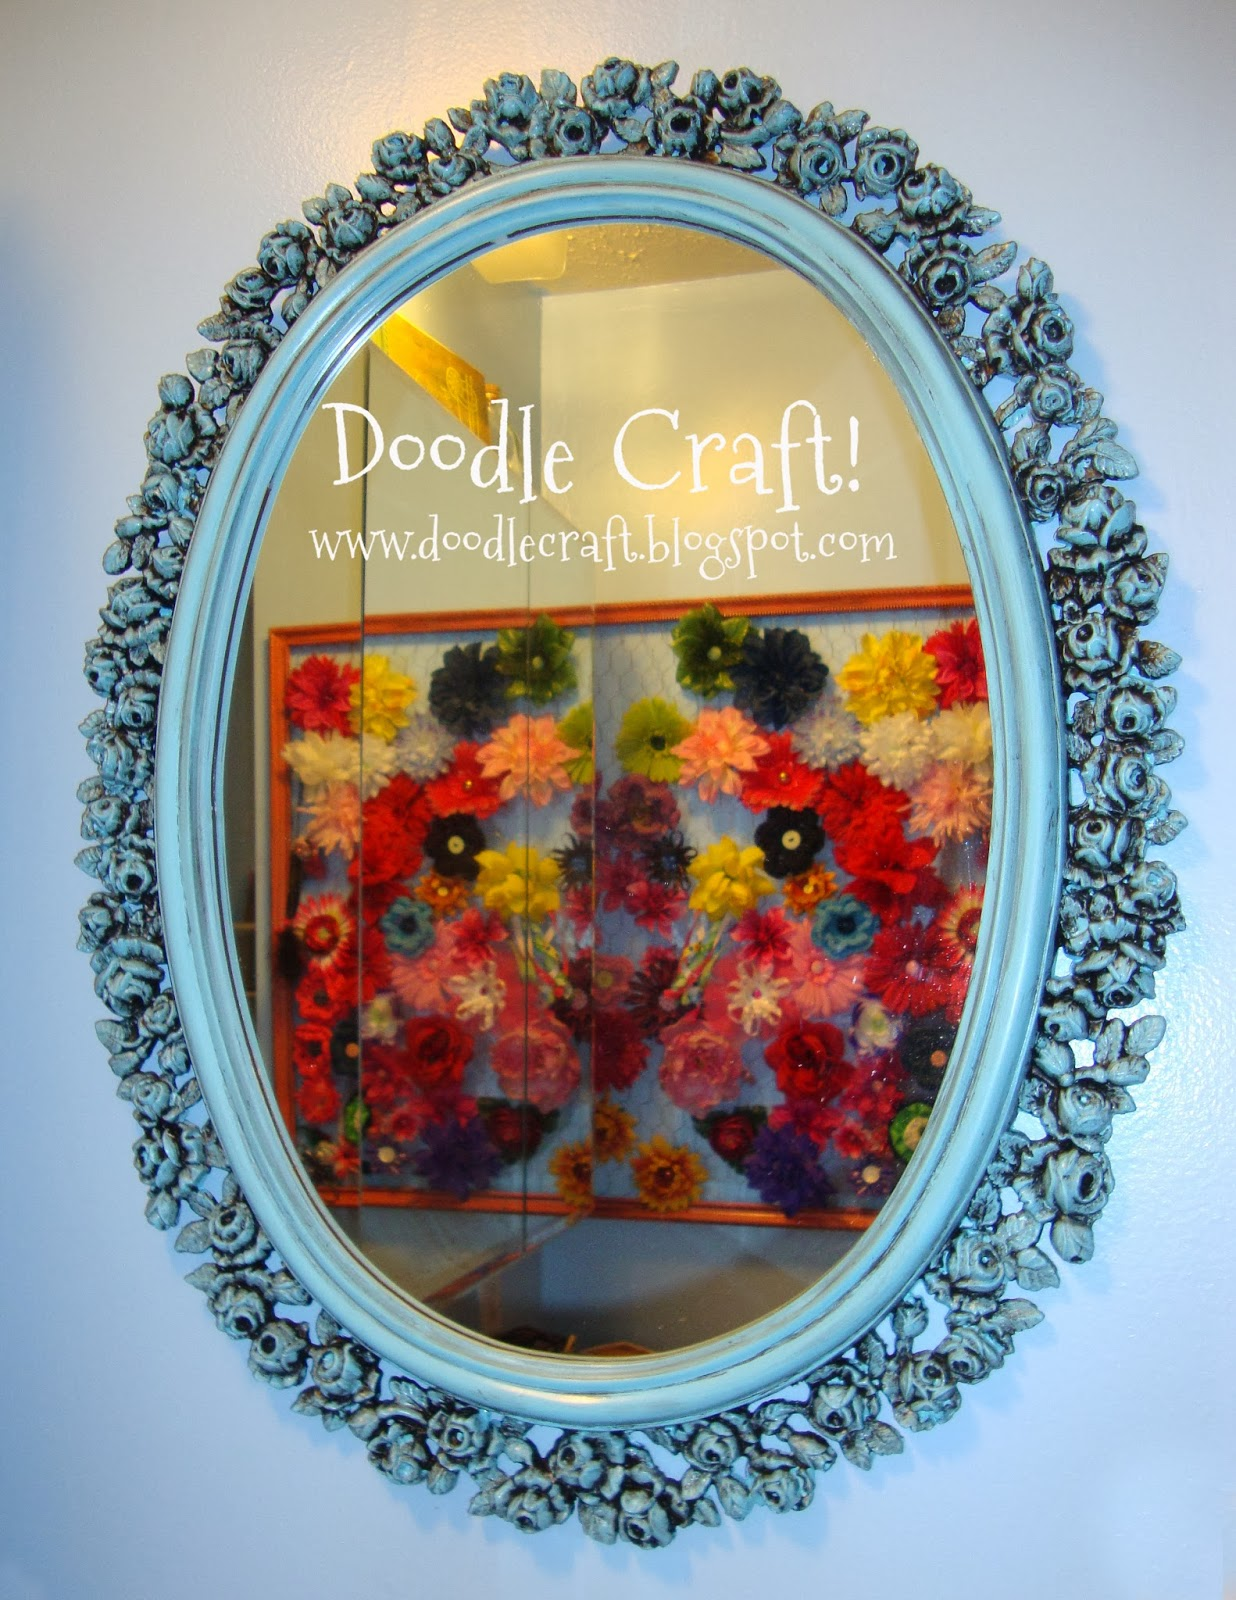 http://doodlecraft.blogspot.com/2011/09/mirror-4.html